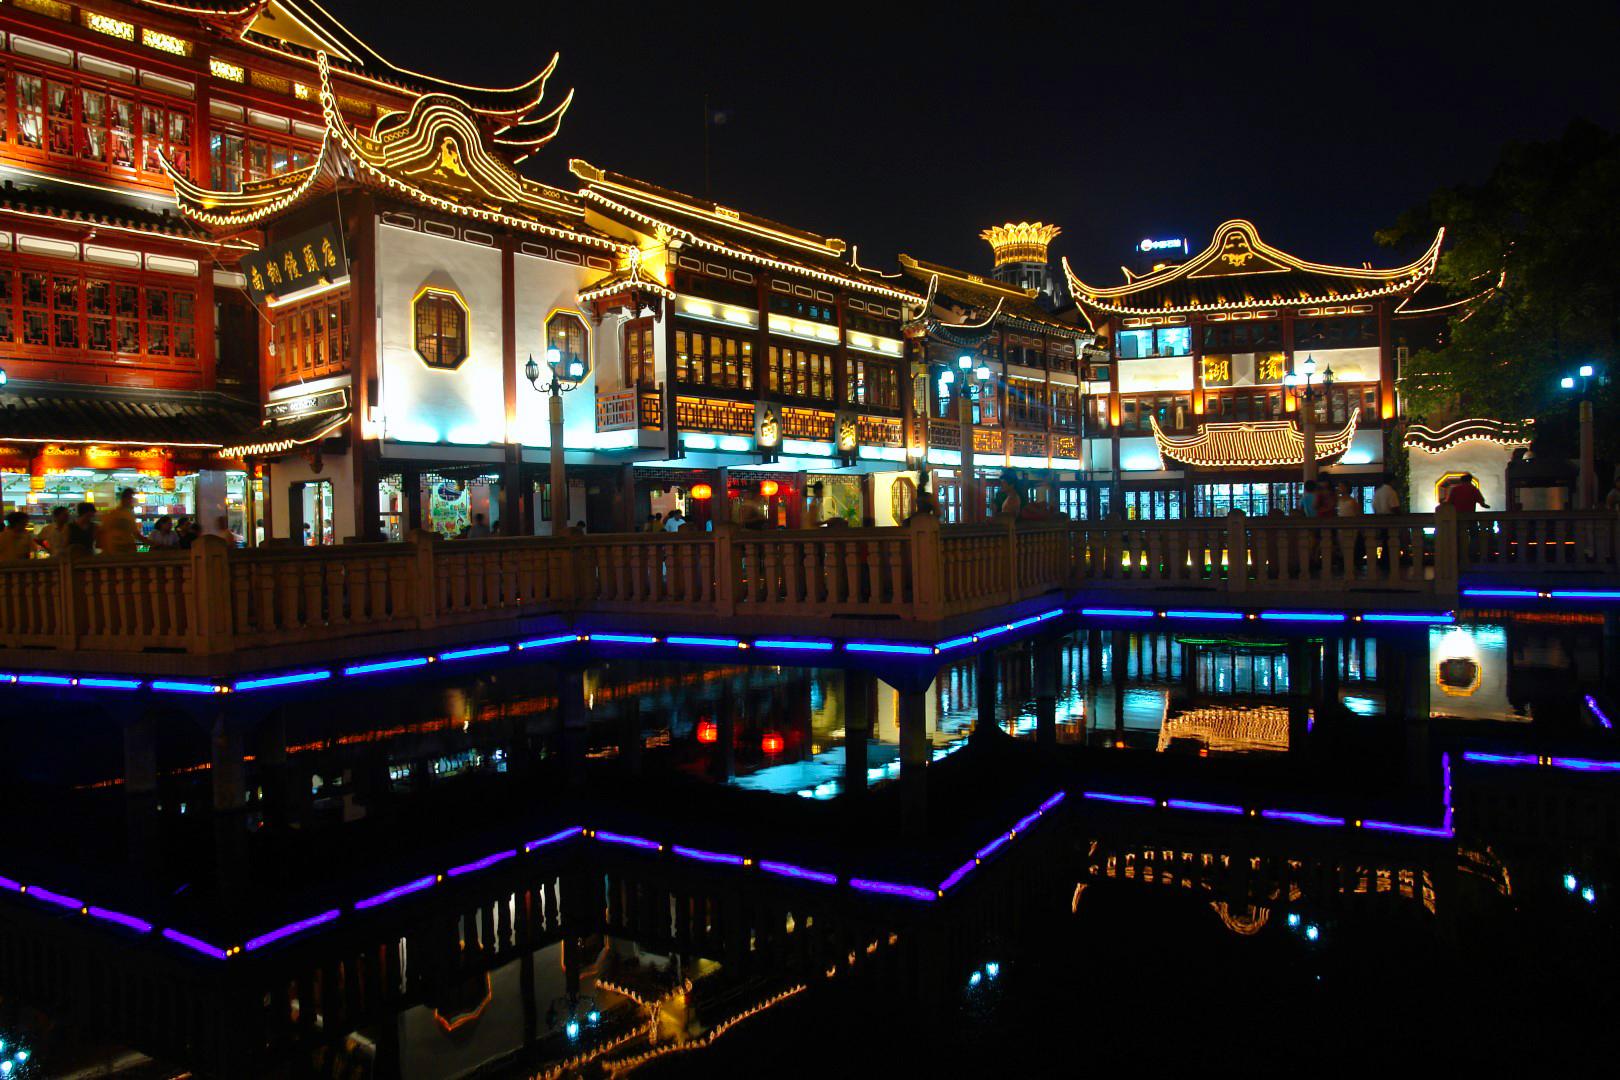 qué ver en Shanghai, China qué ver en shanghai - 32179273420 d1be11b173 o - Qué ver en Shanghai, China